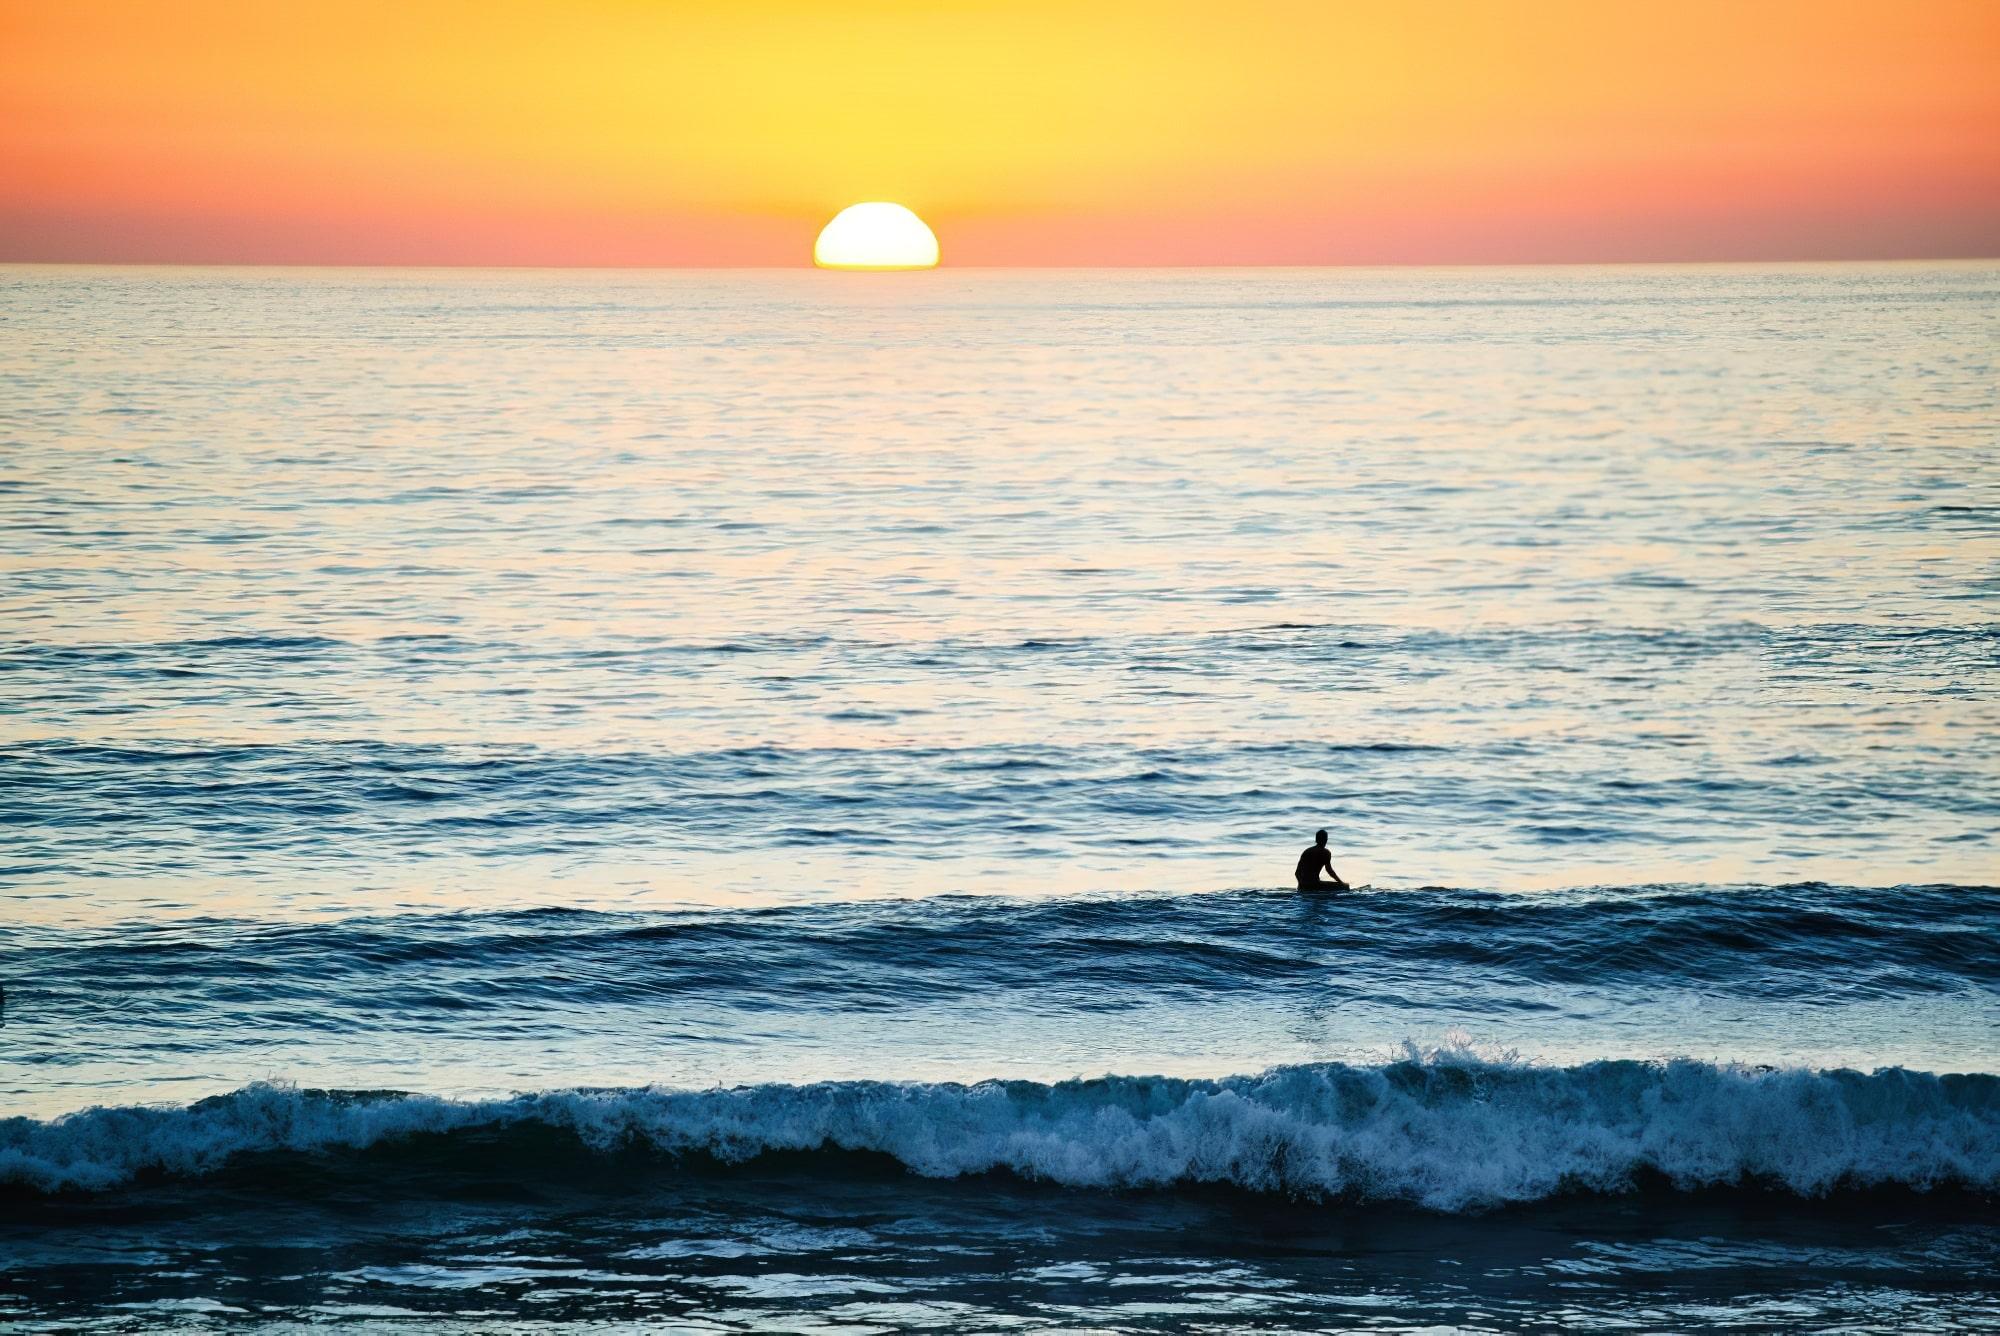 Les 22 meilleurs spots de surf d'Europe